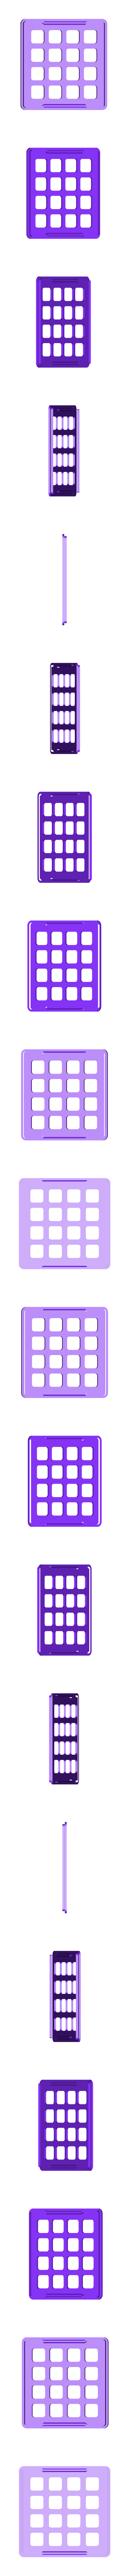 nt-top.stl Télécharger fichier STL gratuit Jeu de correspondance de couleurs NeoTrellis • Objet à imprimer en 3D, Adafruit